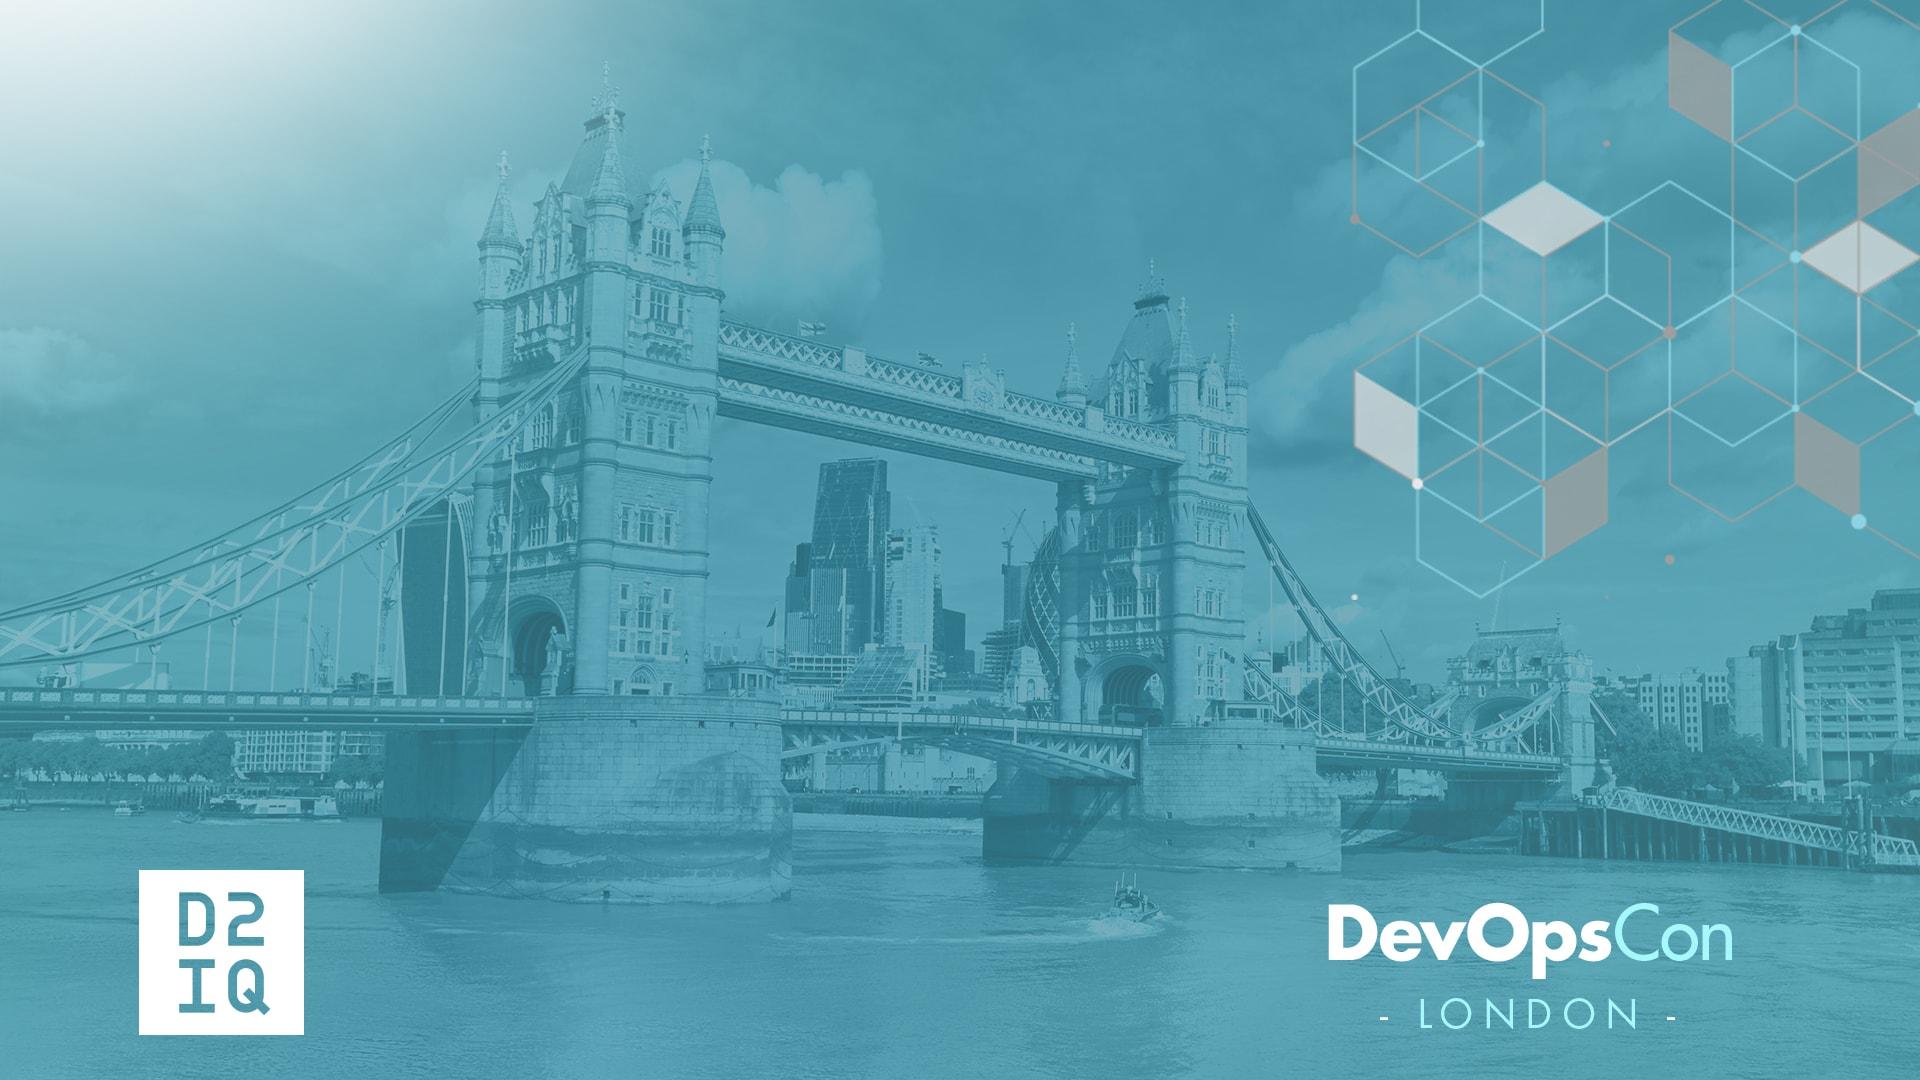 DevOpsCon London